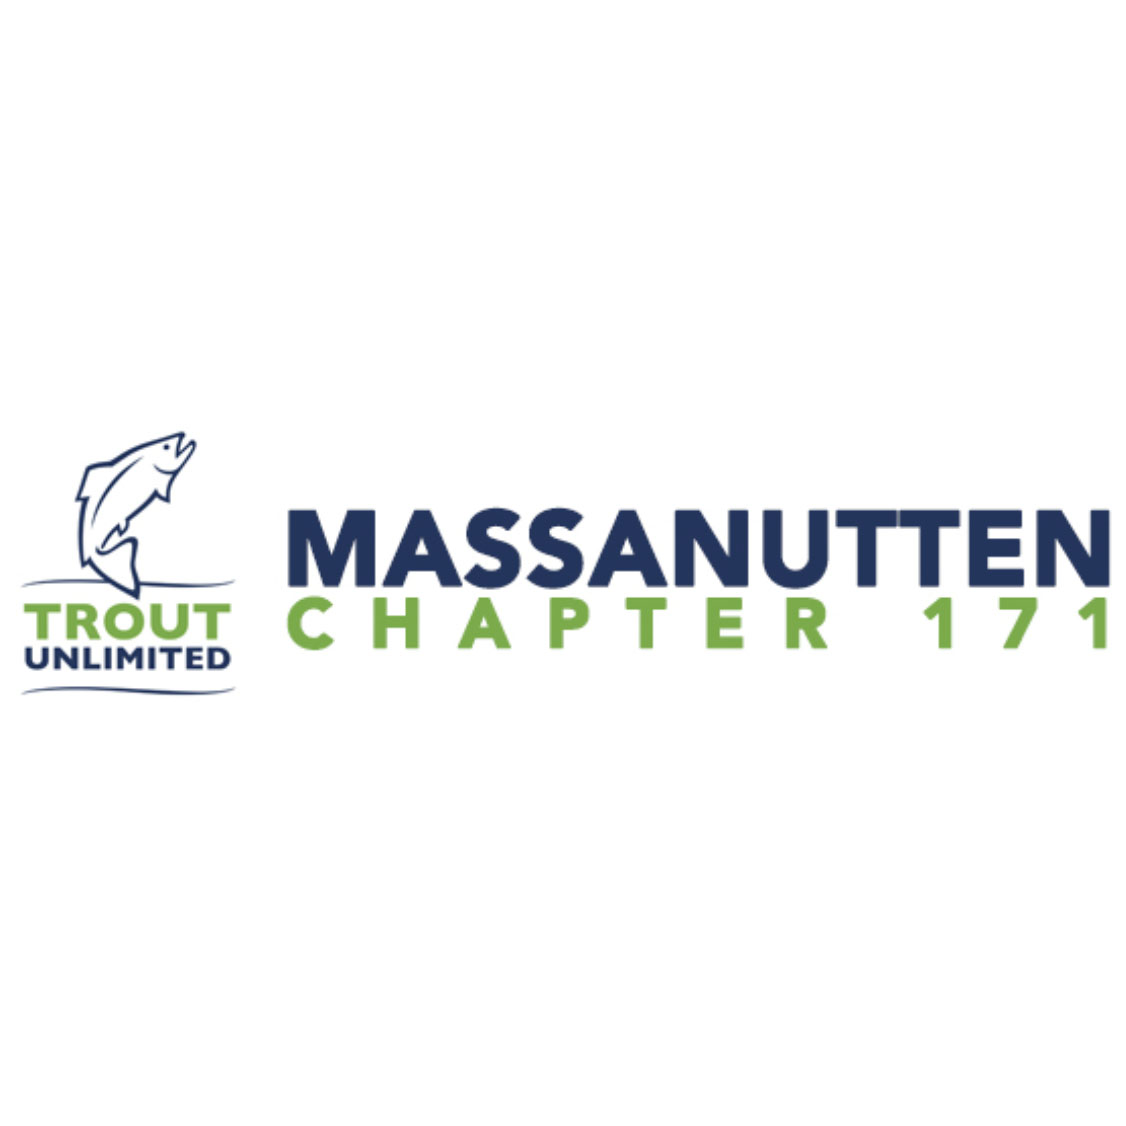 Massanutten_TroutUnlimited_2019_web.jpg